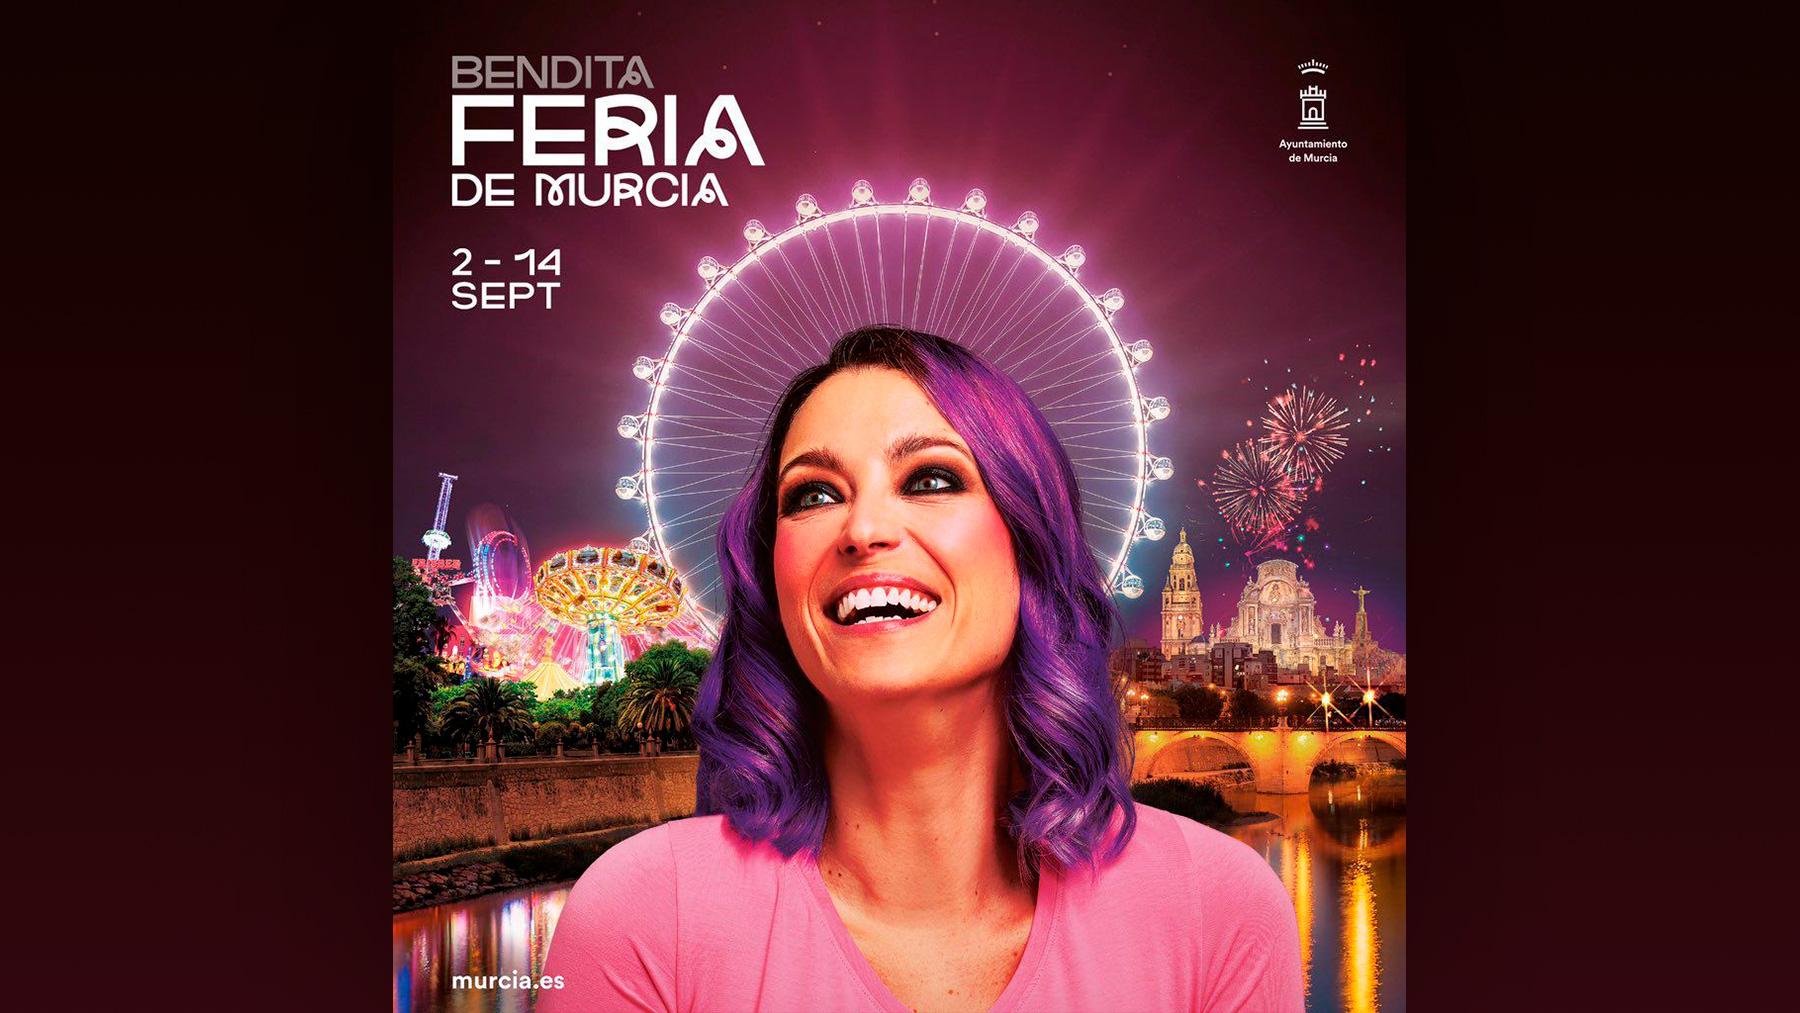 Polémico cartel del Ayuntamiento para la «bendita» Feria de Murcia.